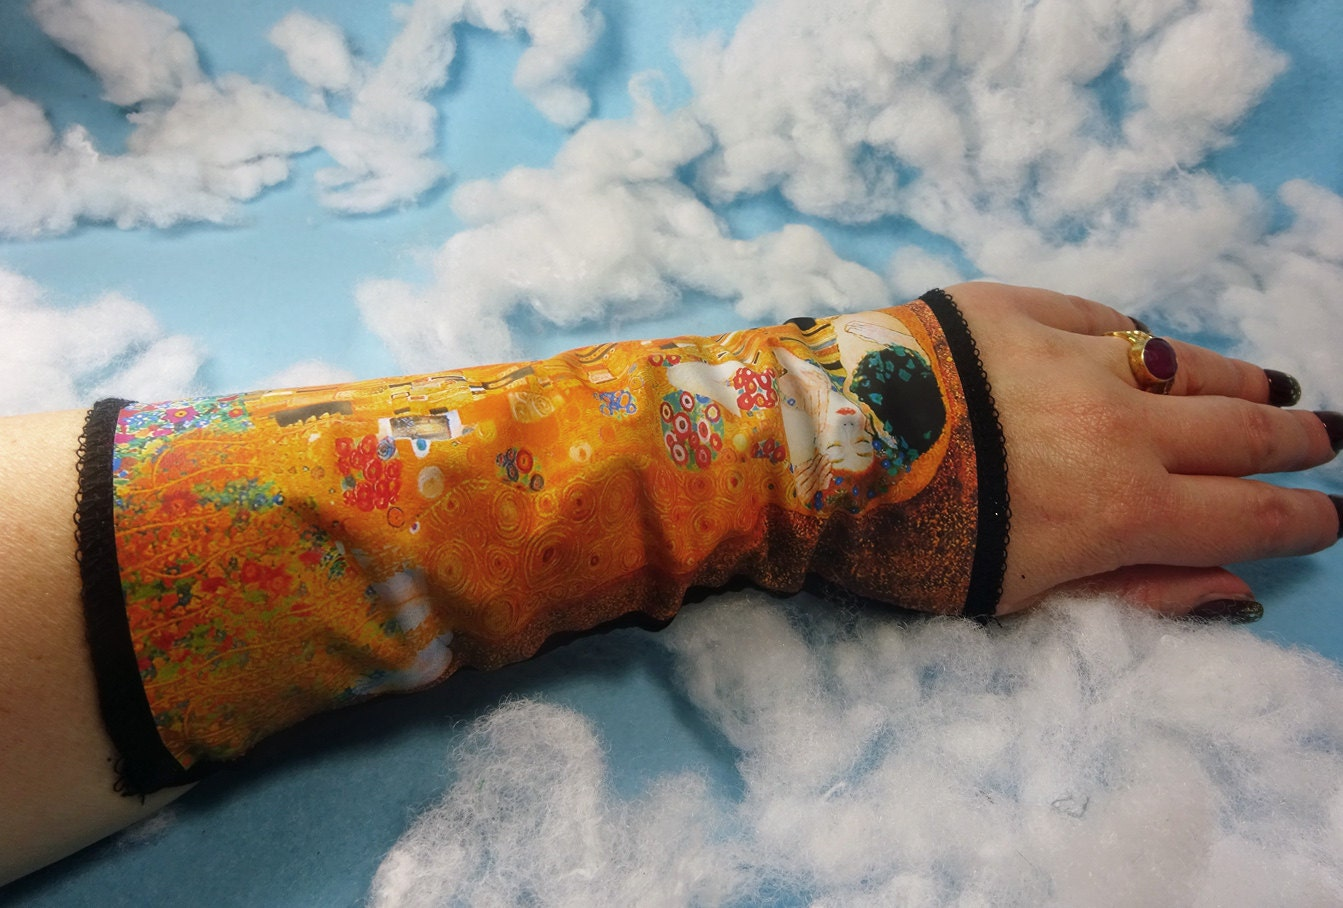 kiss wrist cuff bracelet tattoo cover wrist cuff victorian